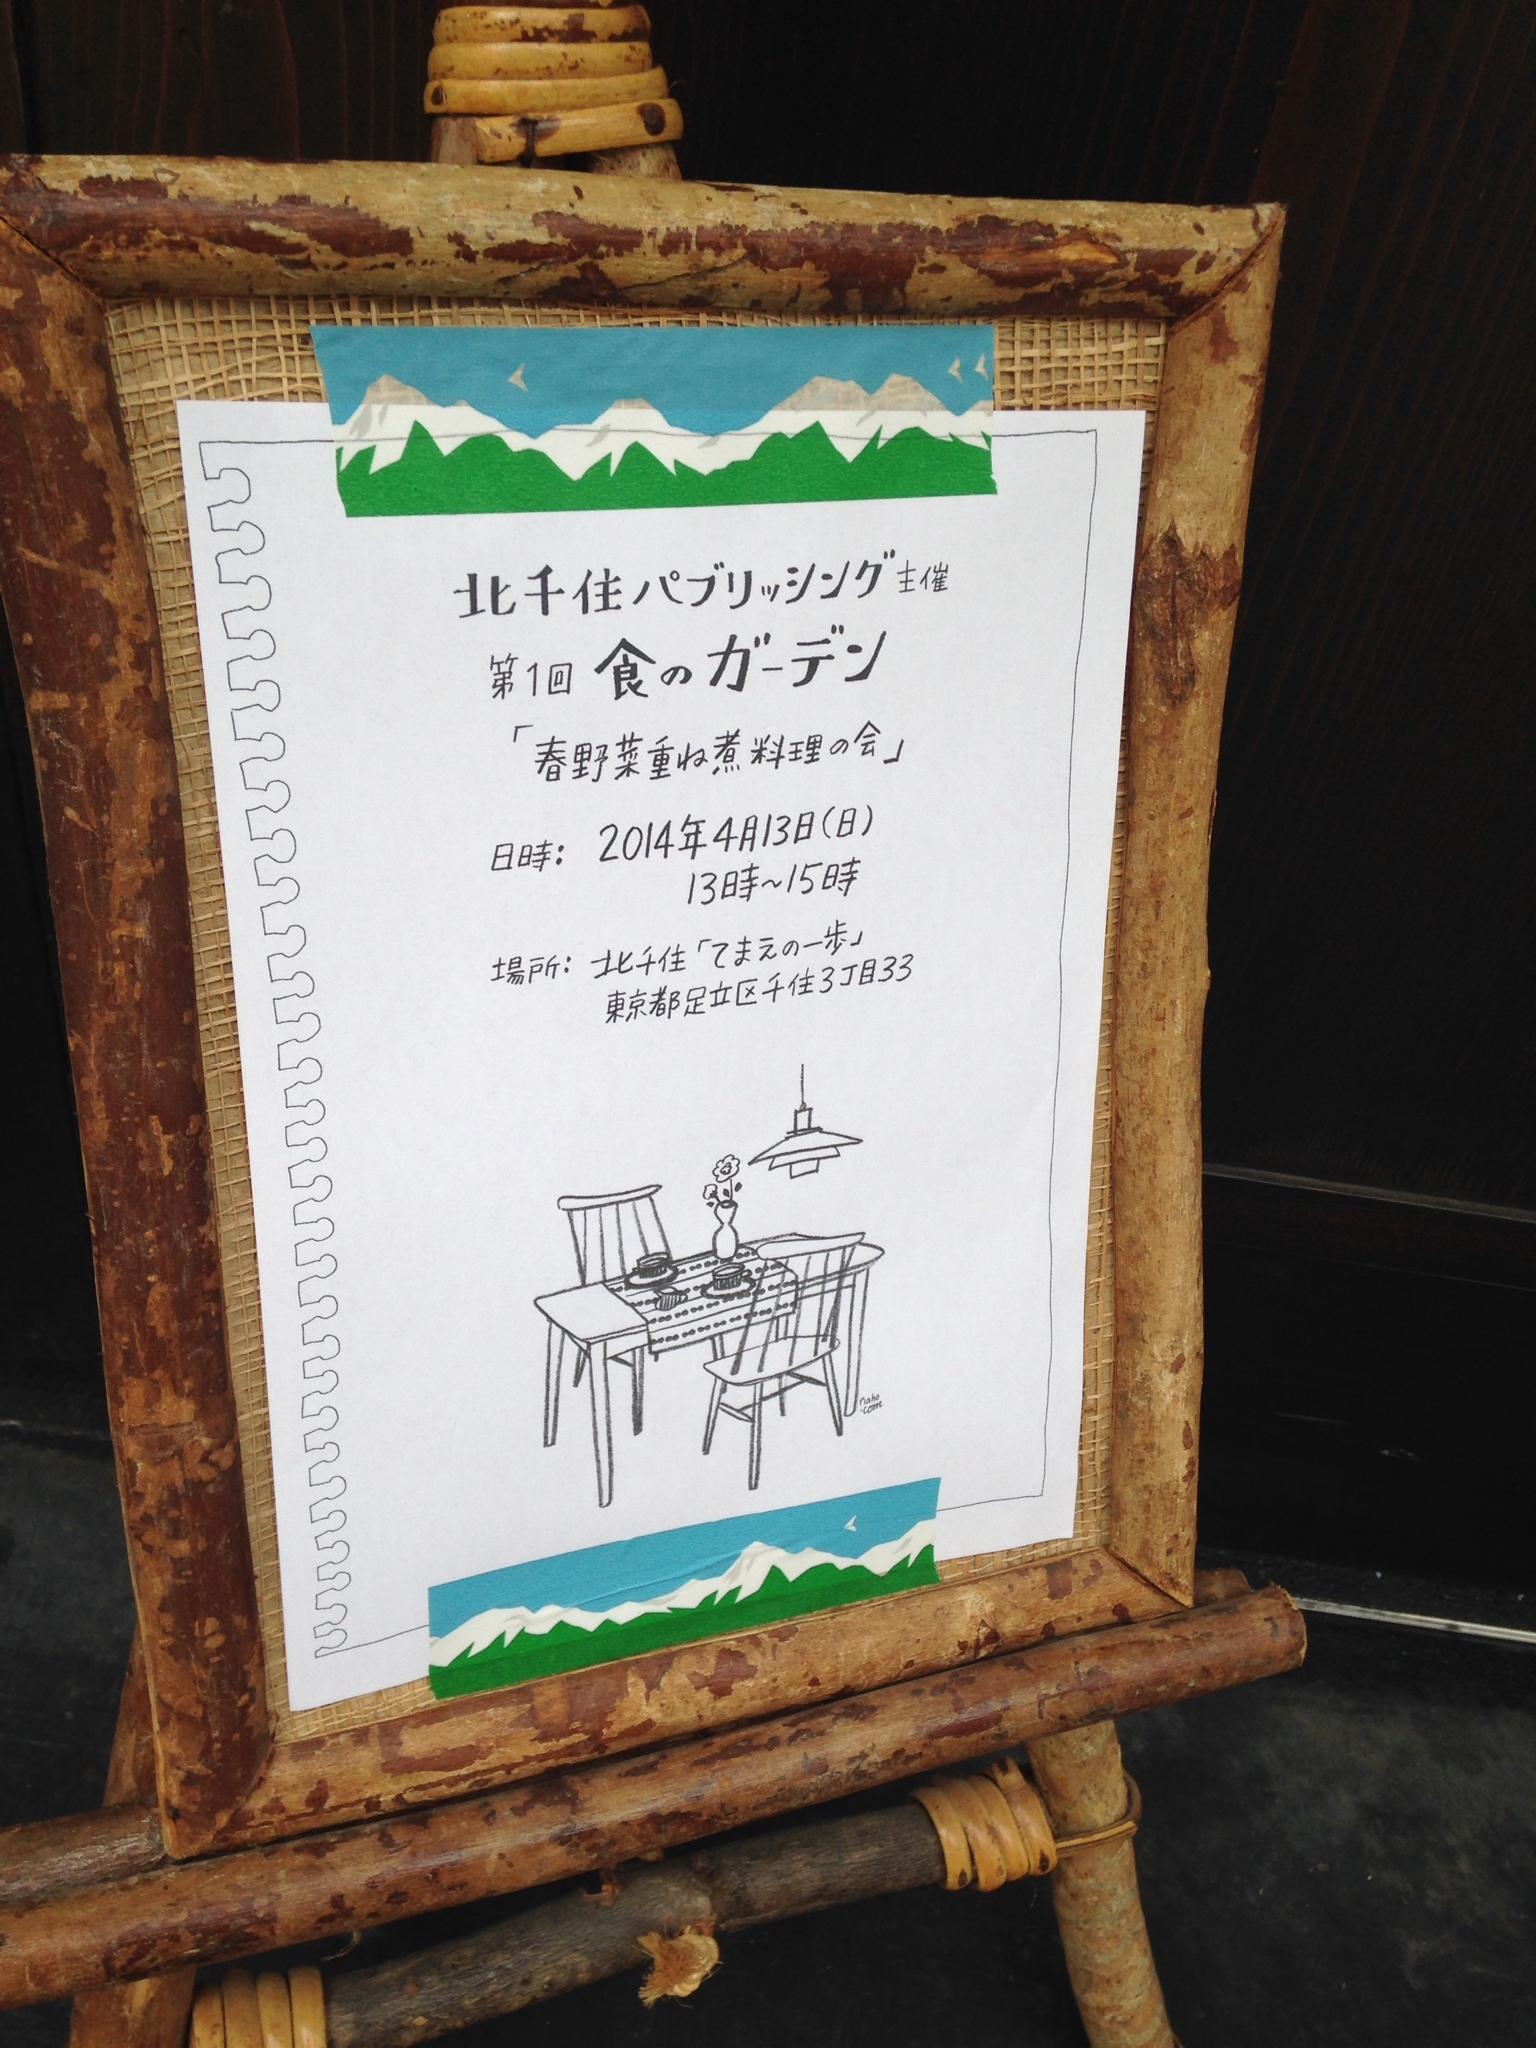 【うまい】春野菜重ね煮料理の会@北千住【うますぎた】